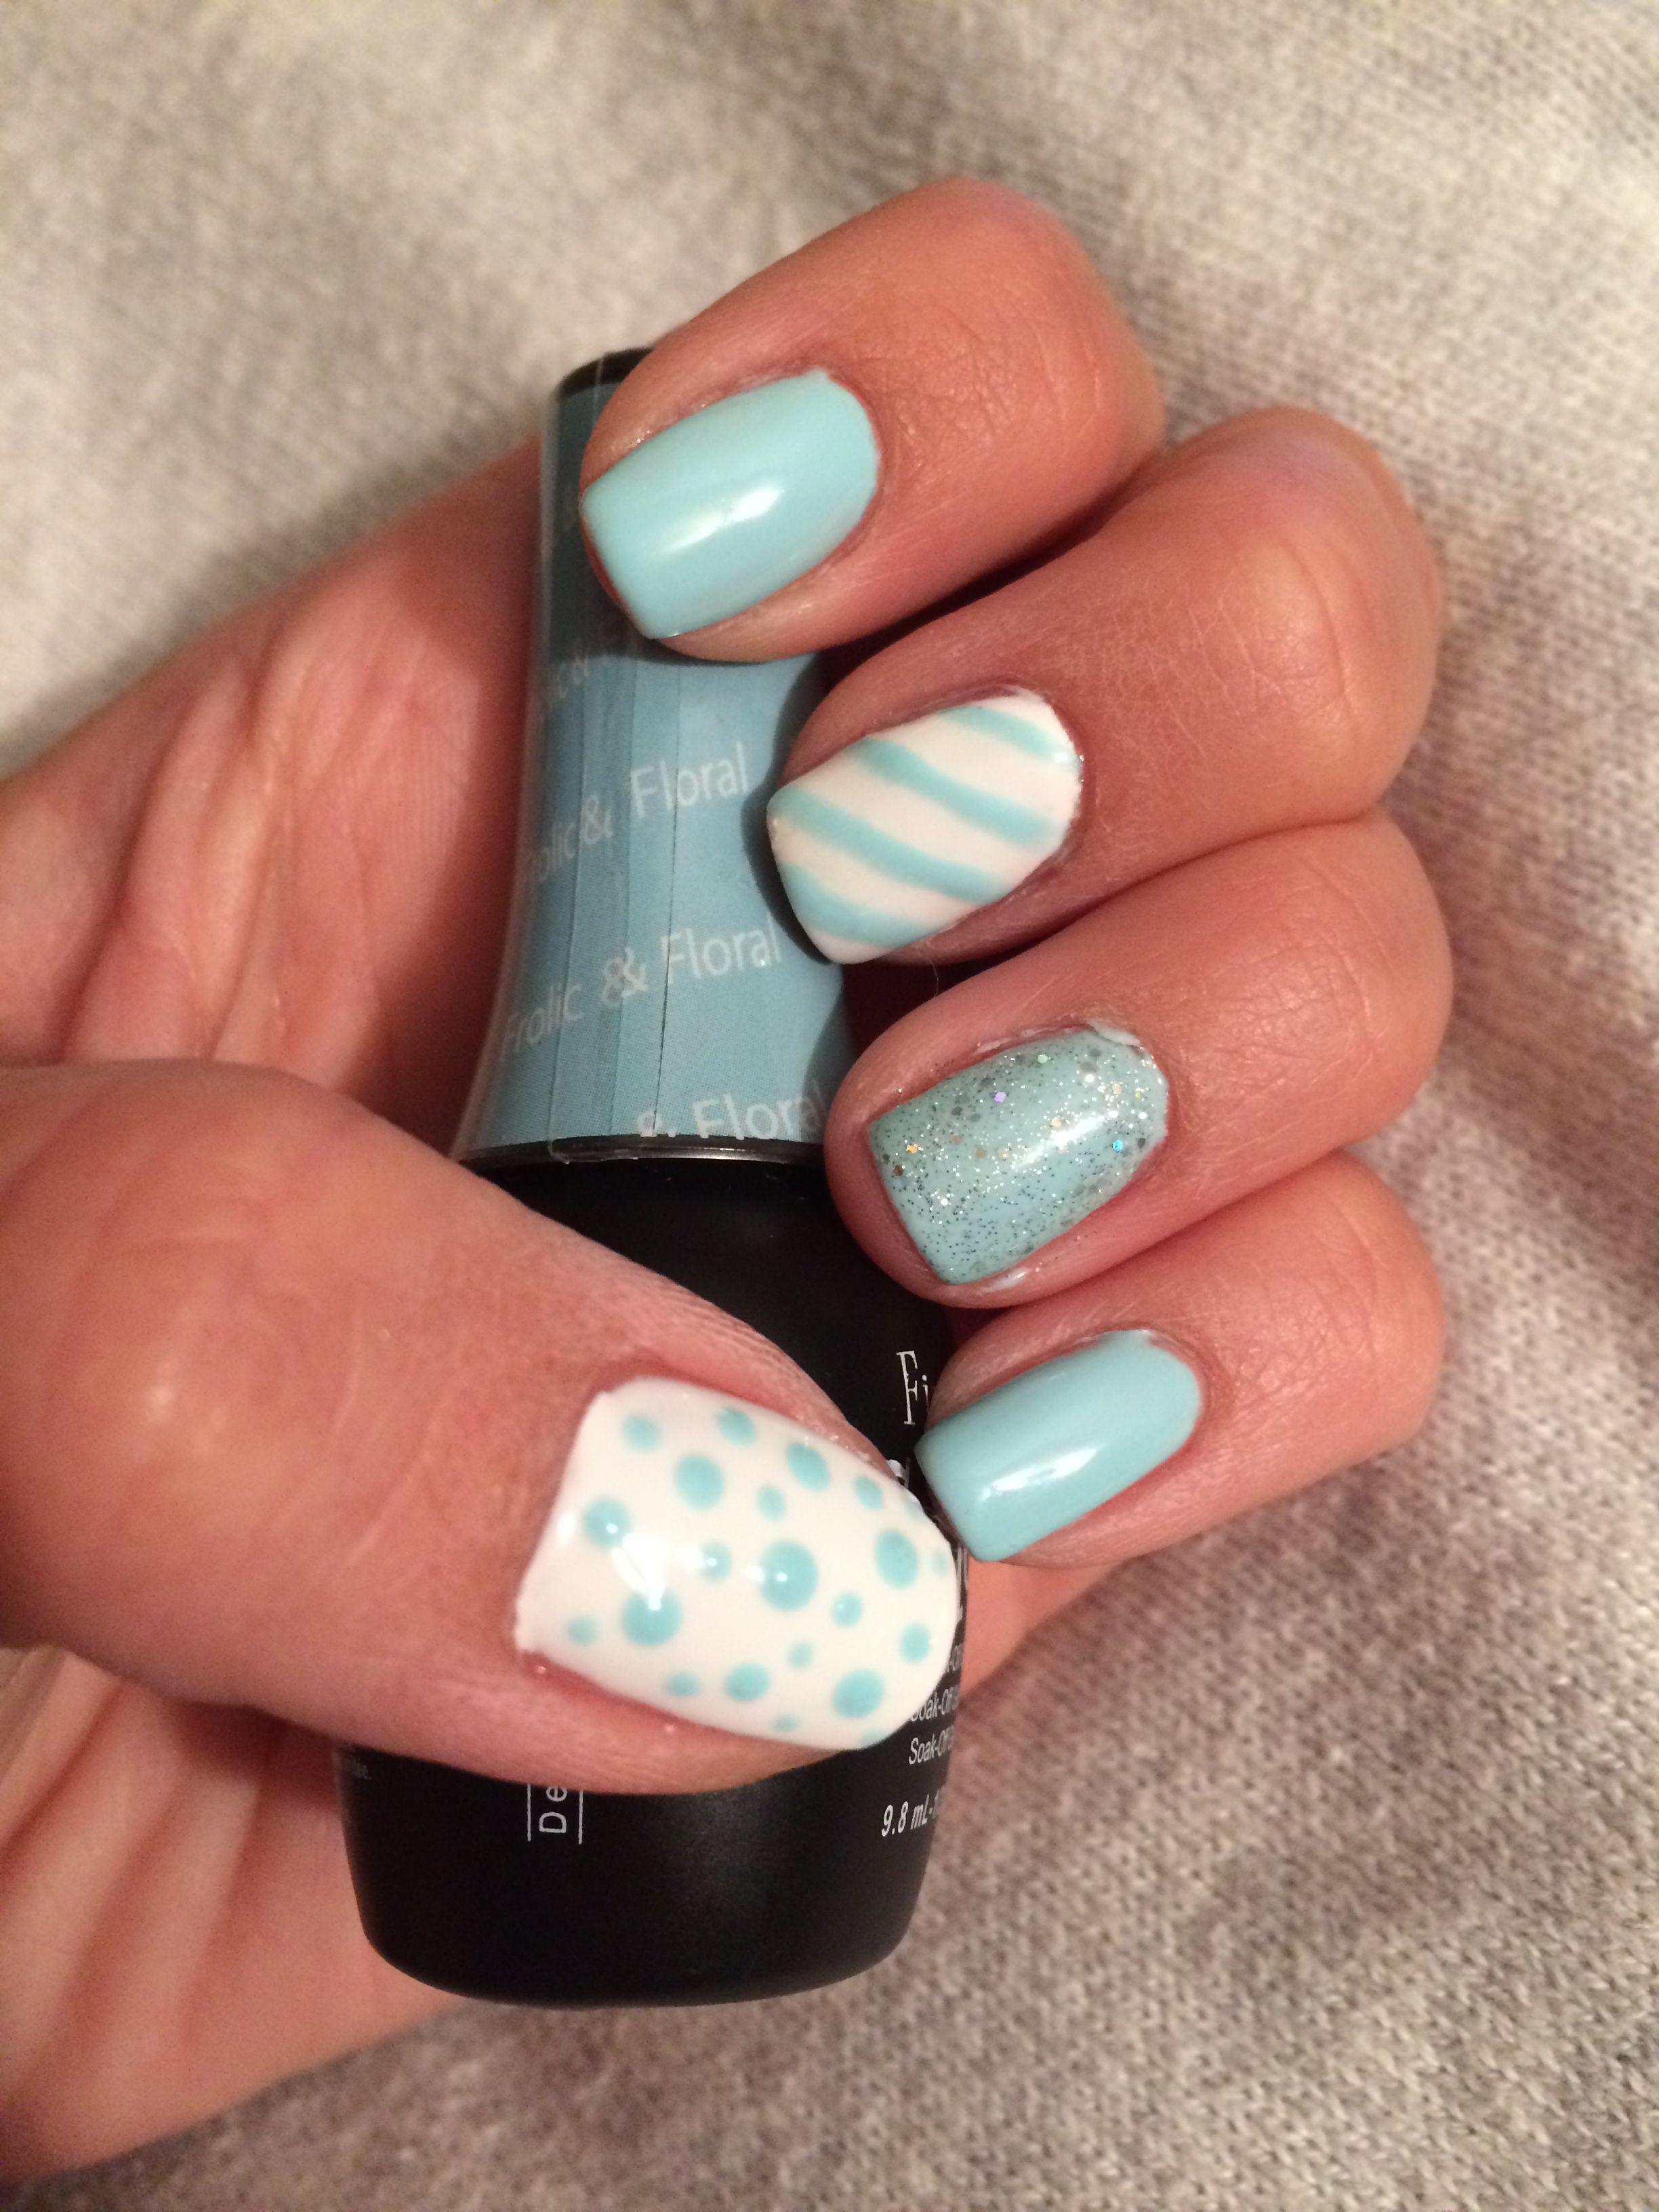 Nail art. Summer nails. No chip manicure frolic and floral. | Nails ...